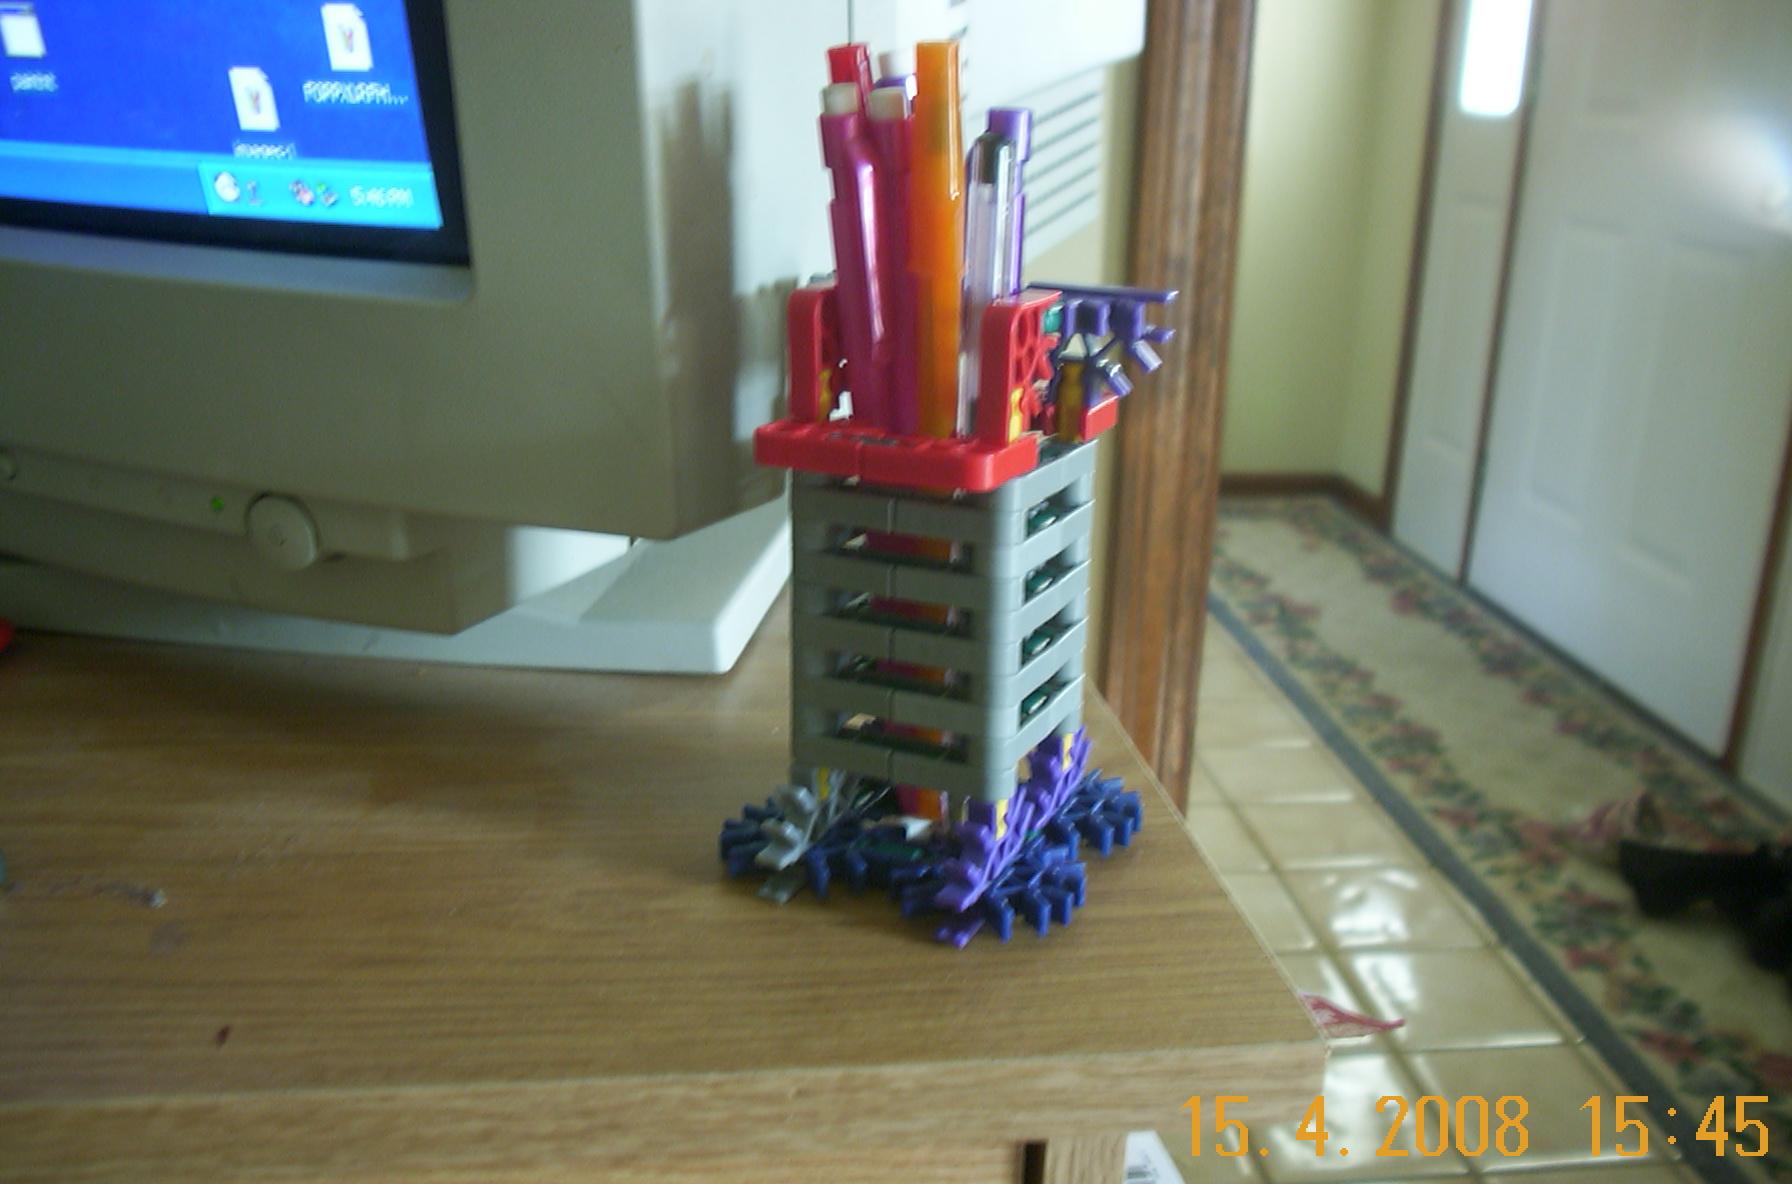 K'NEX Pencil/Pen holder